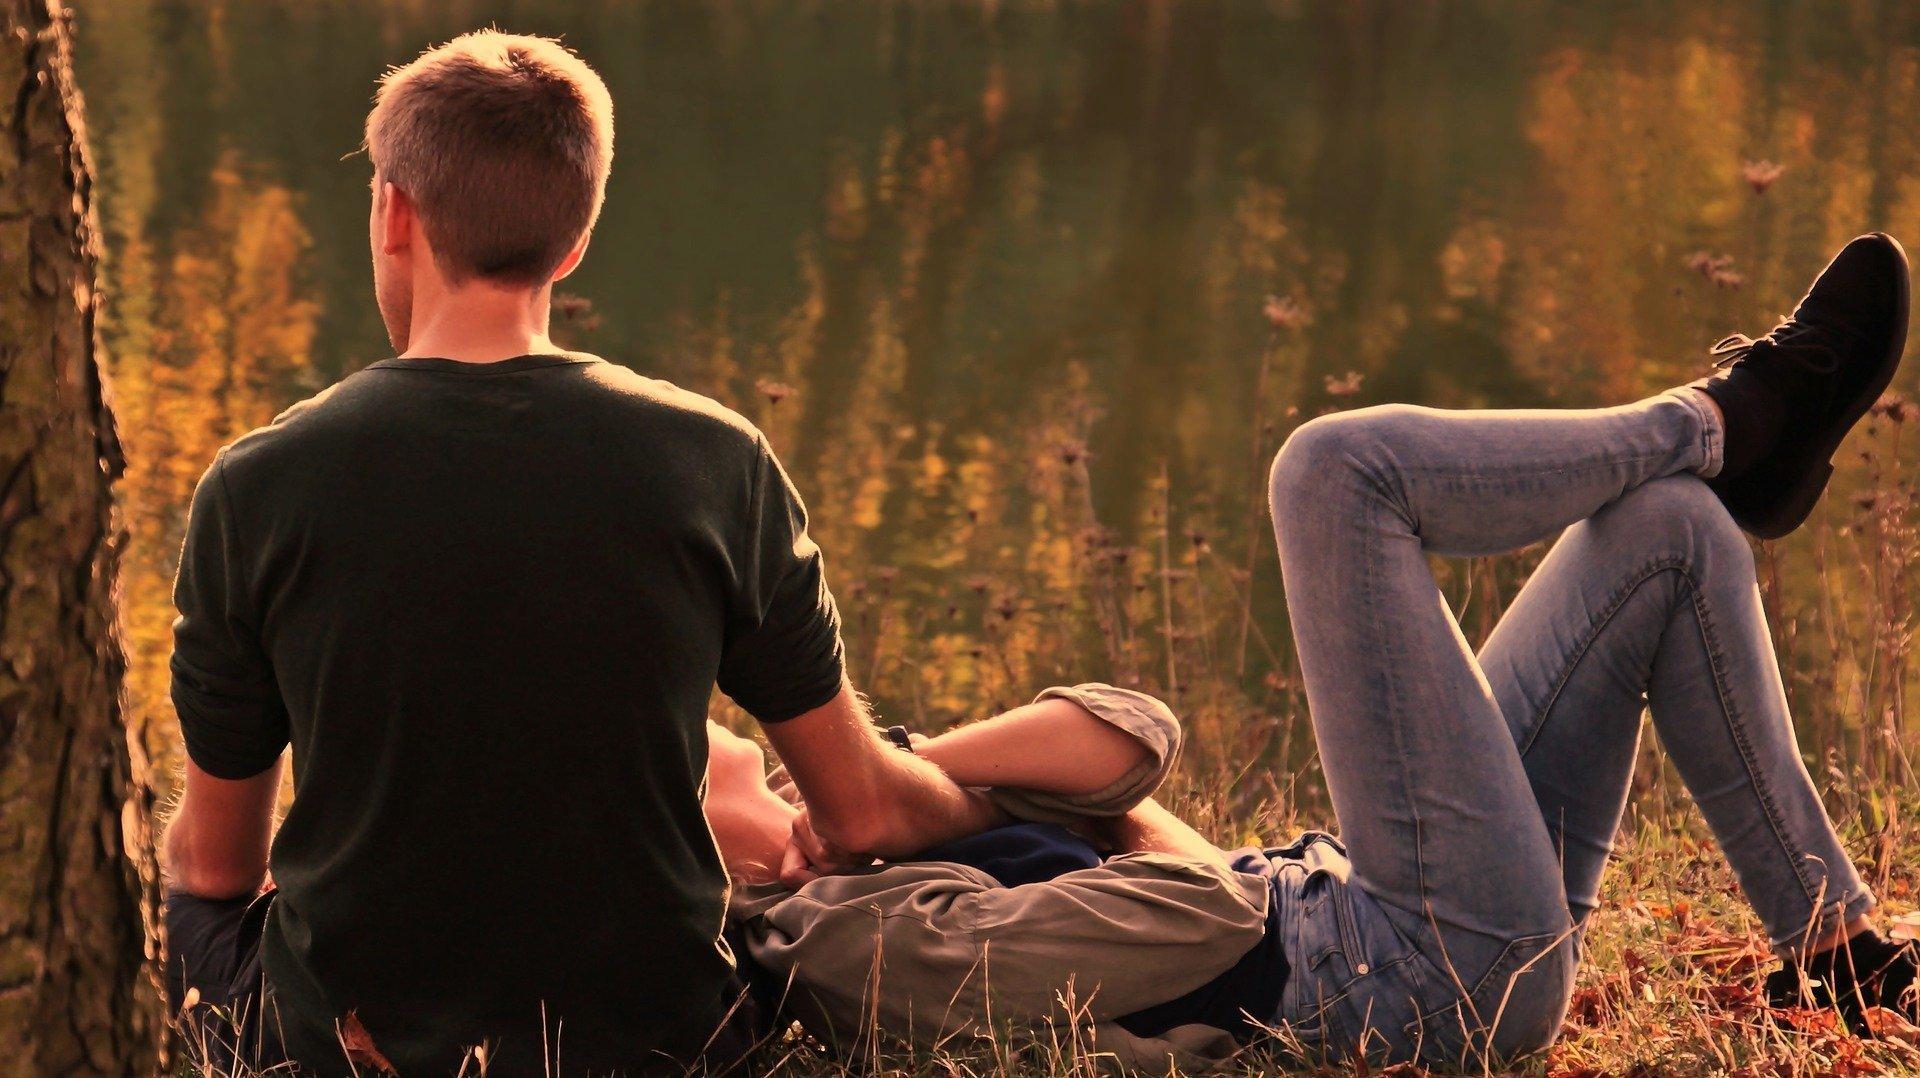 coppia di spalle in un campo, lui seduto e lei sdraiata con la testa sulle sue gambe